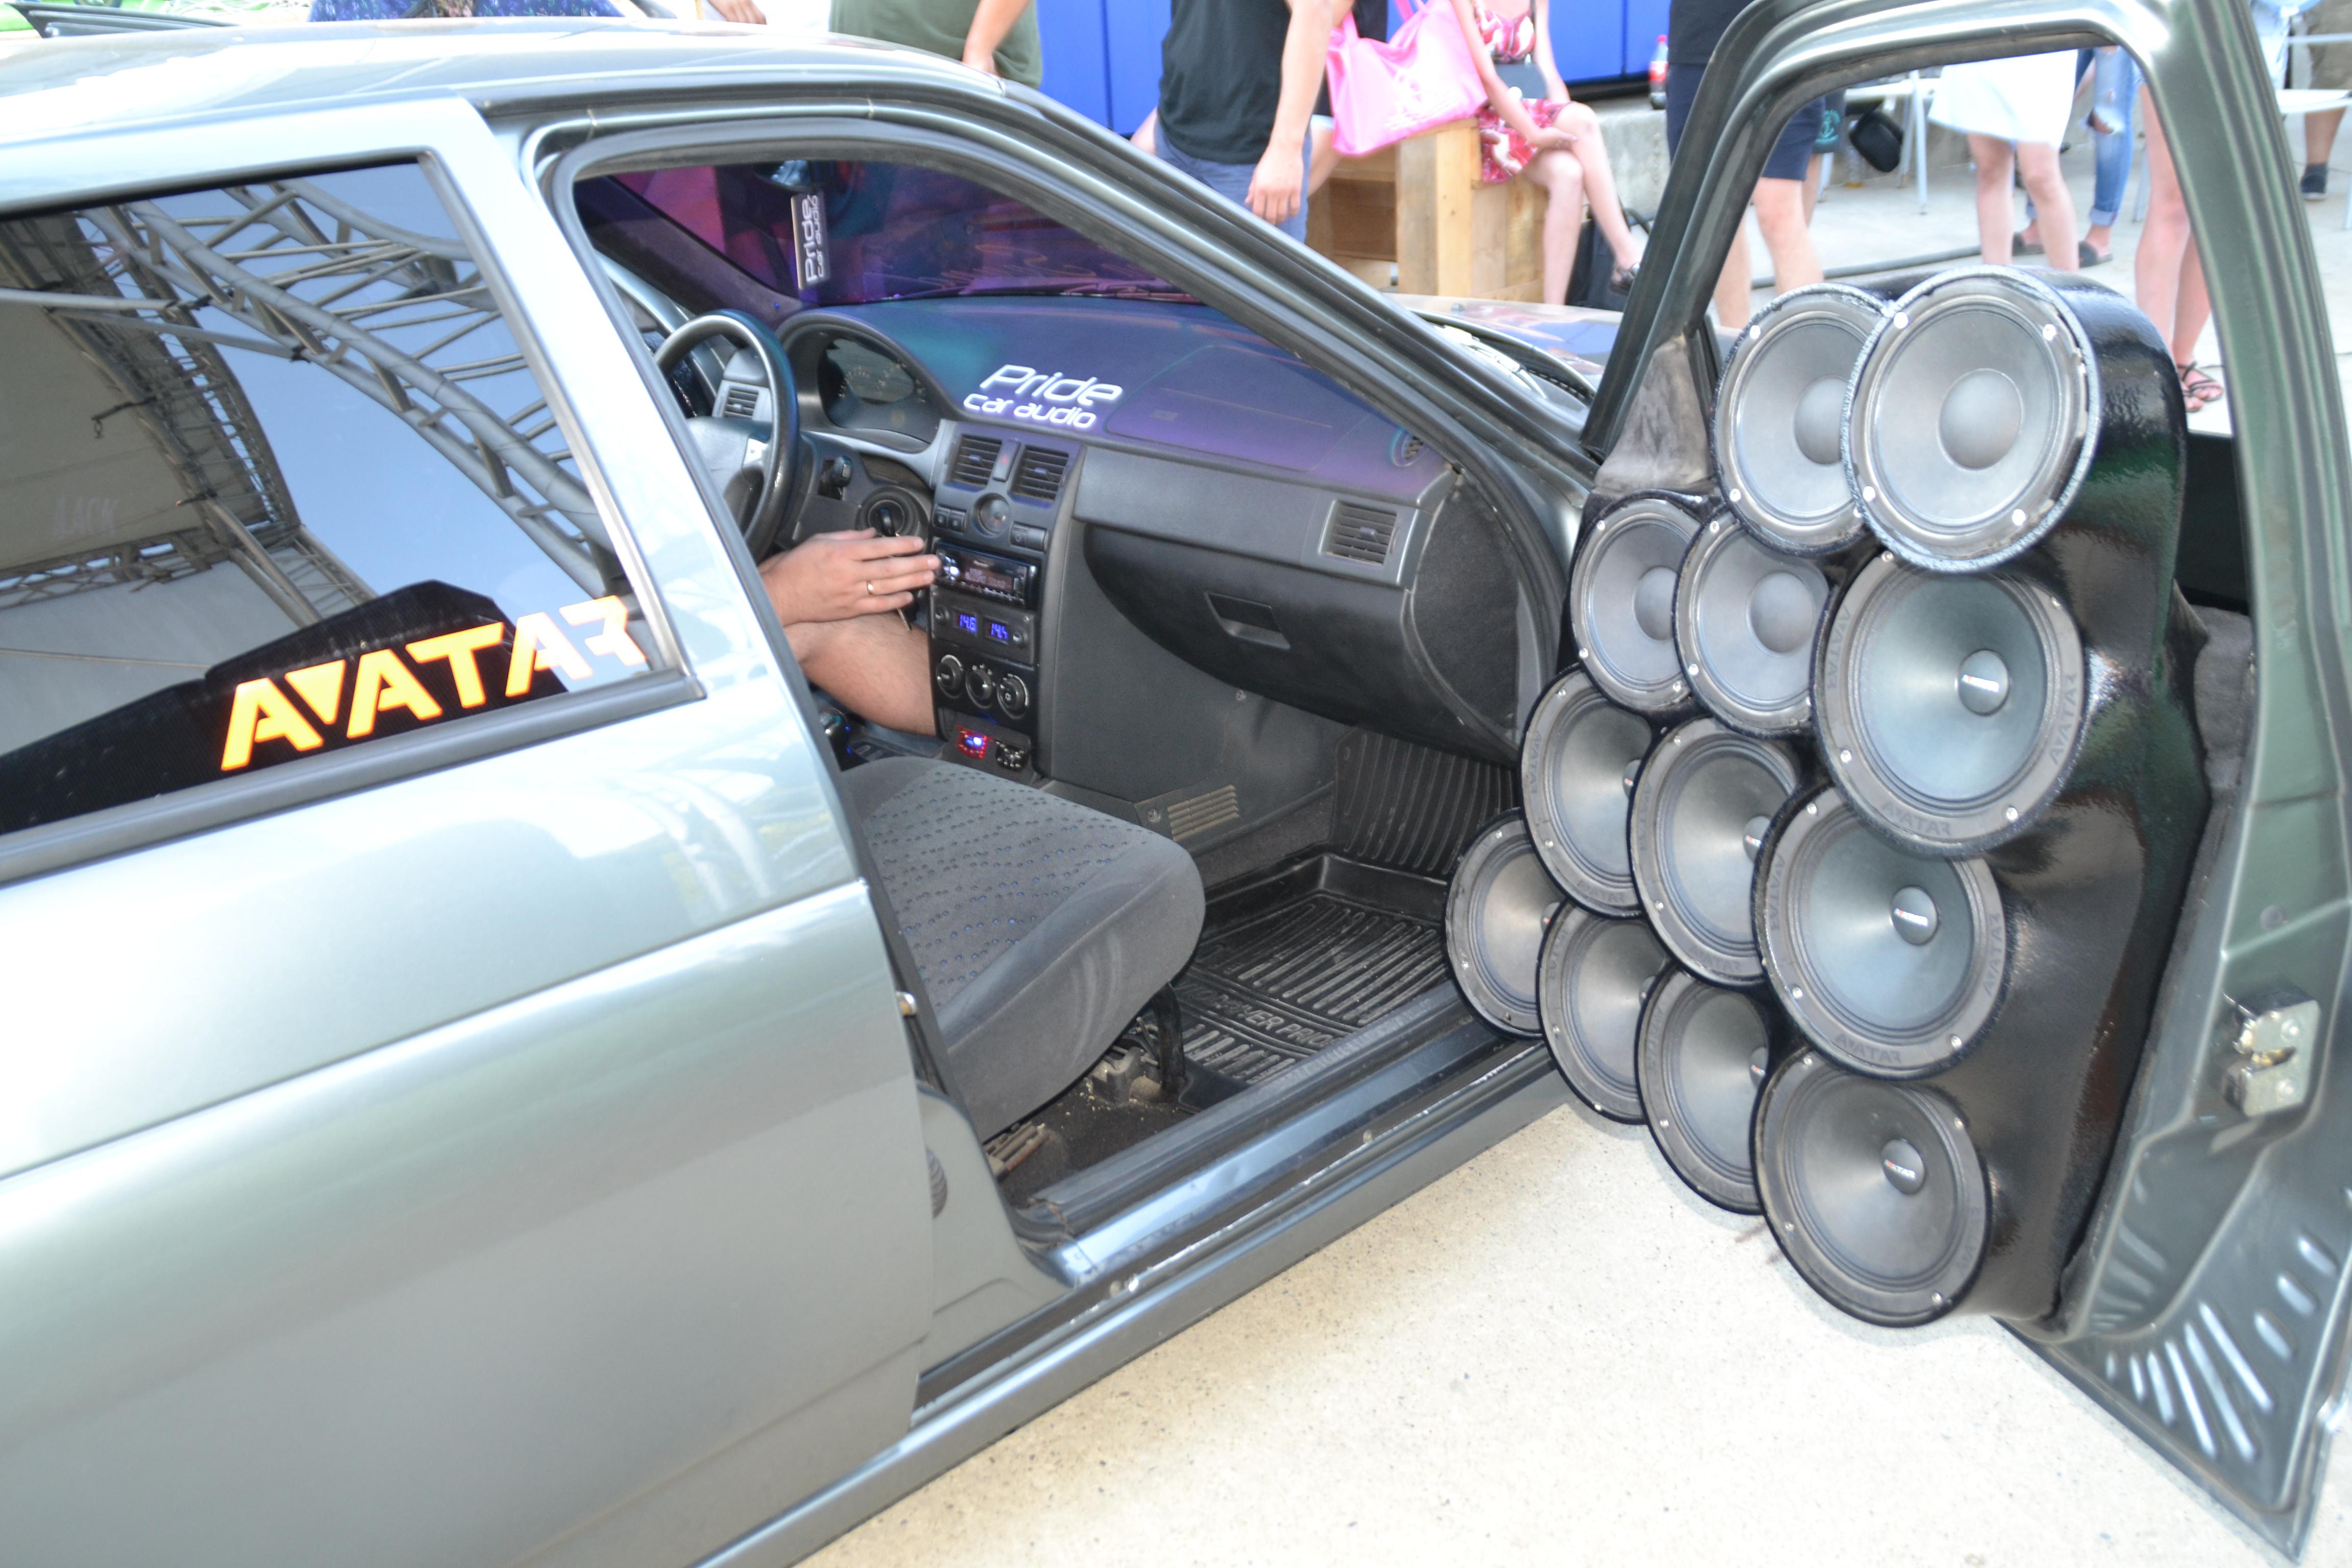 Соревнования по автозвуку и автотюнингу станут ежегодными в День города